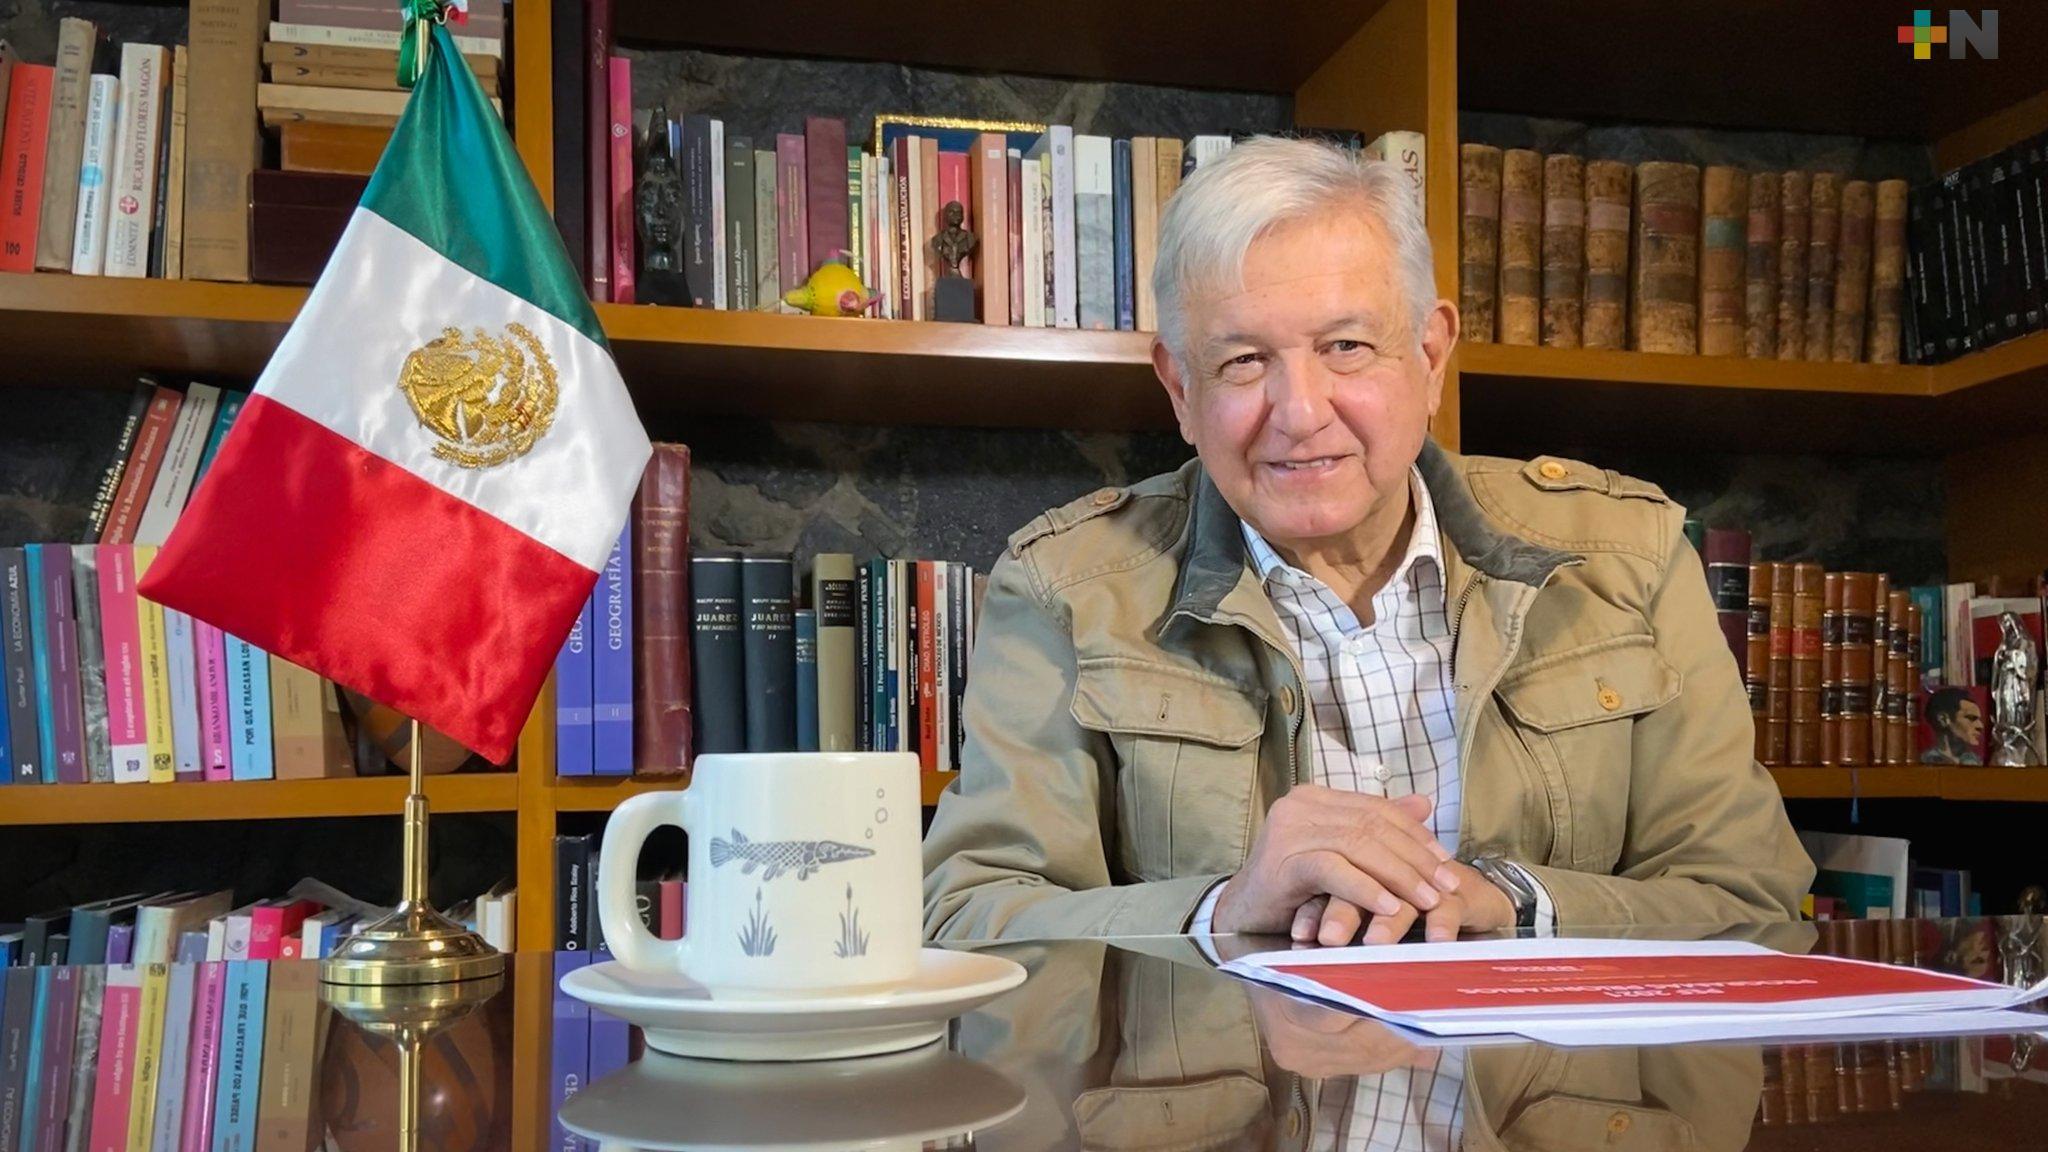 El Presidente López Obrador continúa en funciones y mejorando